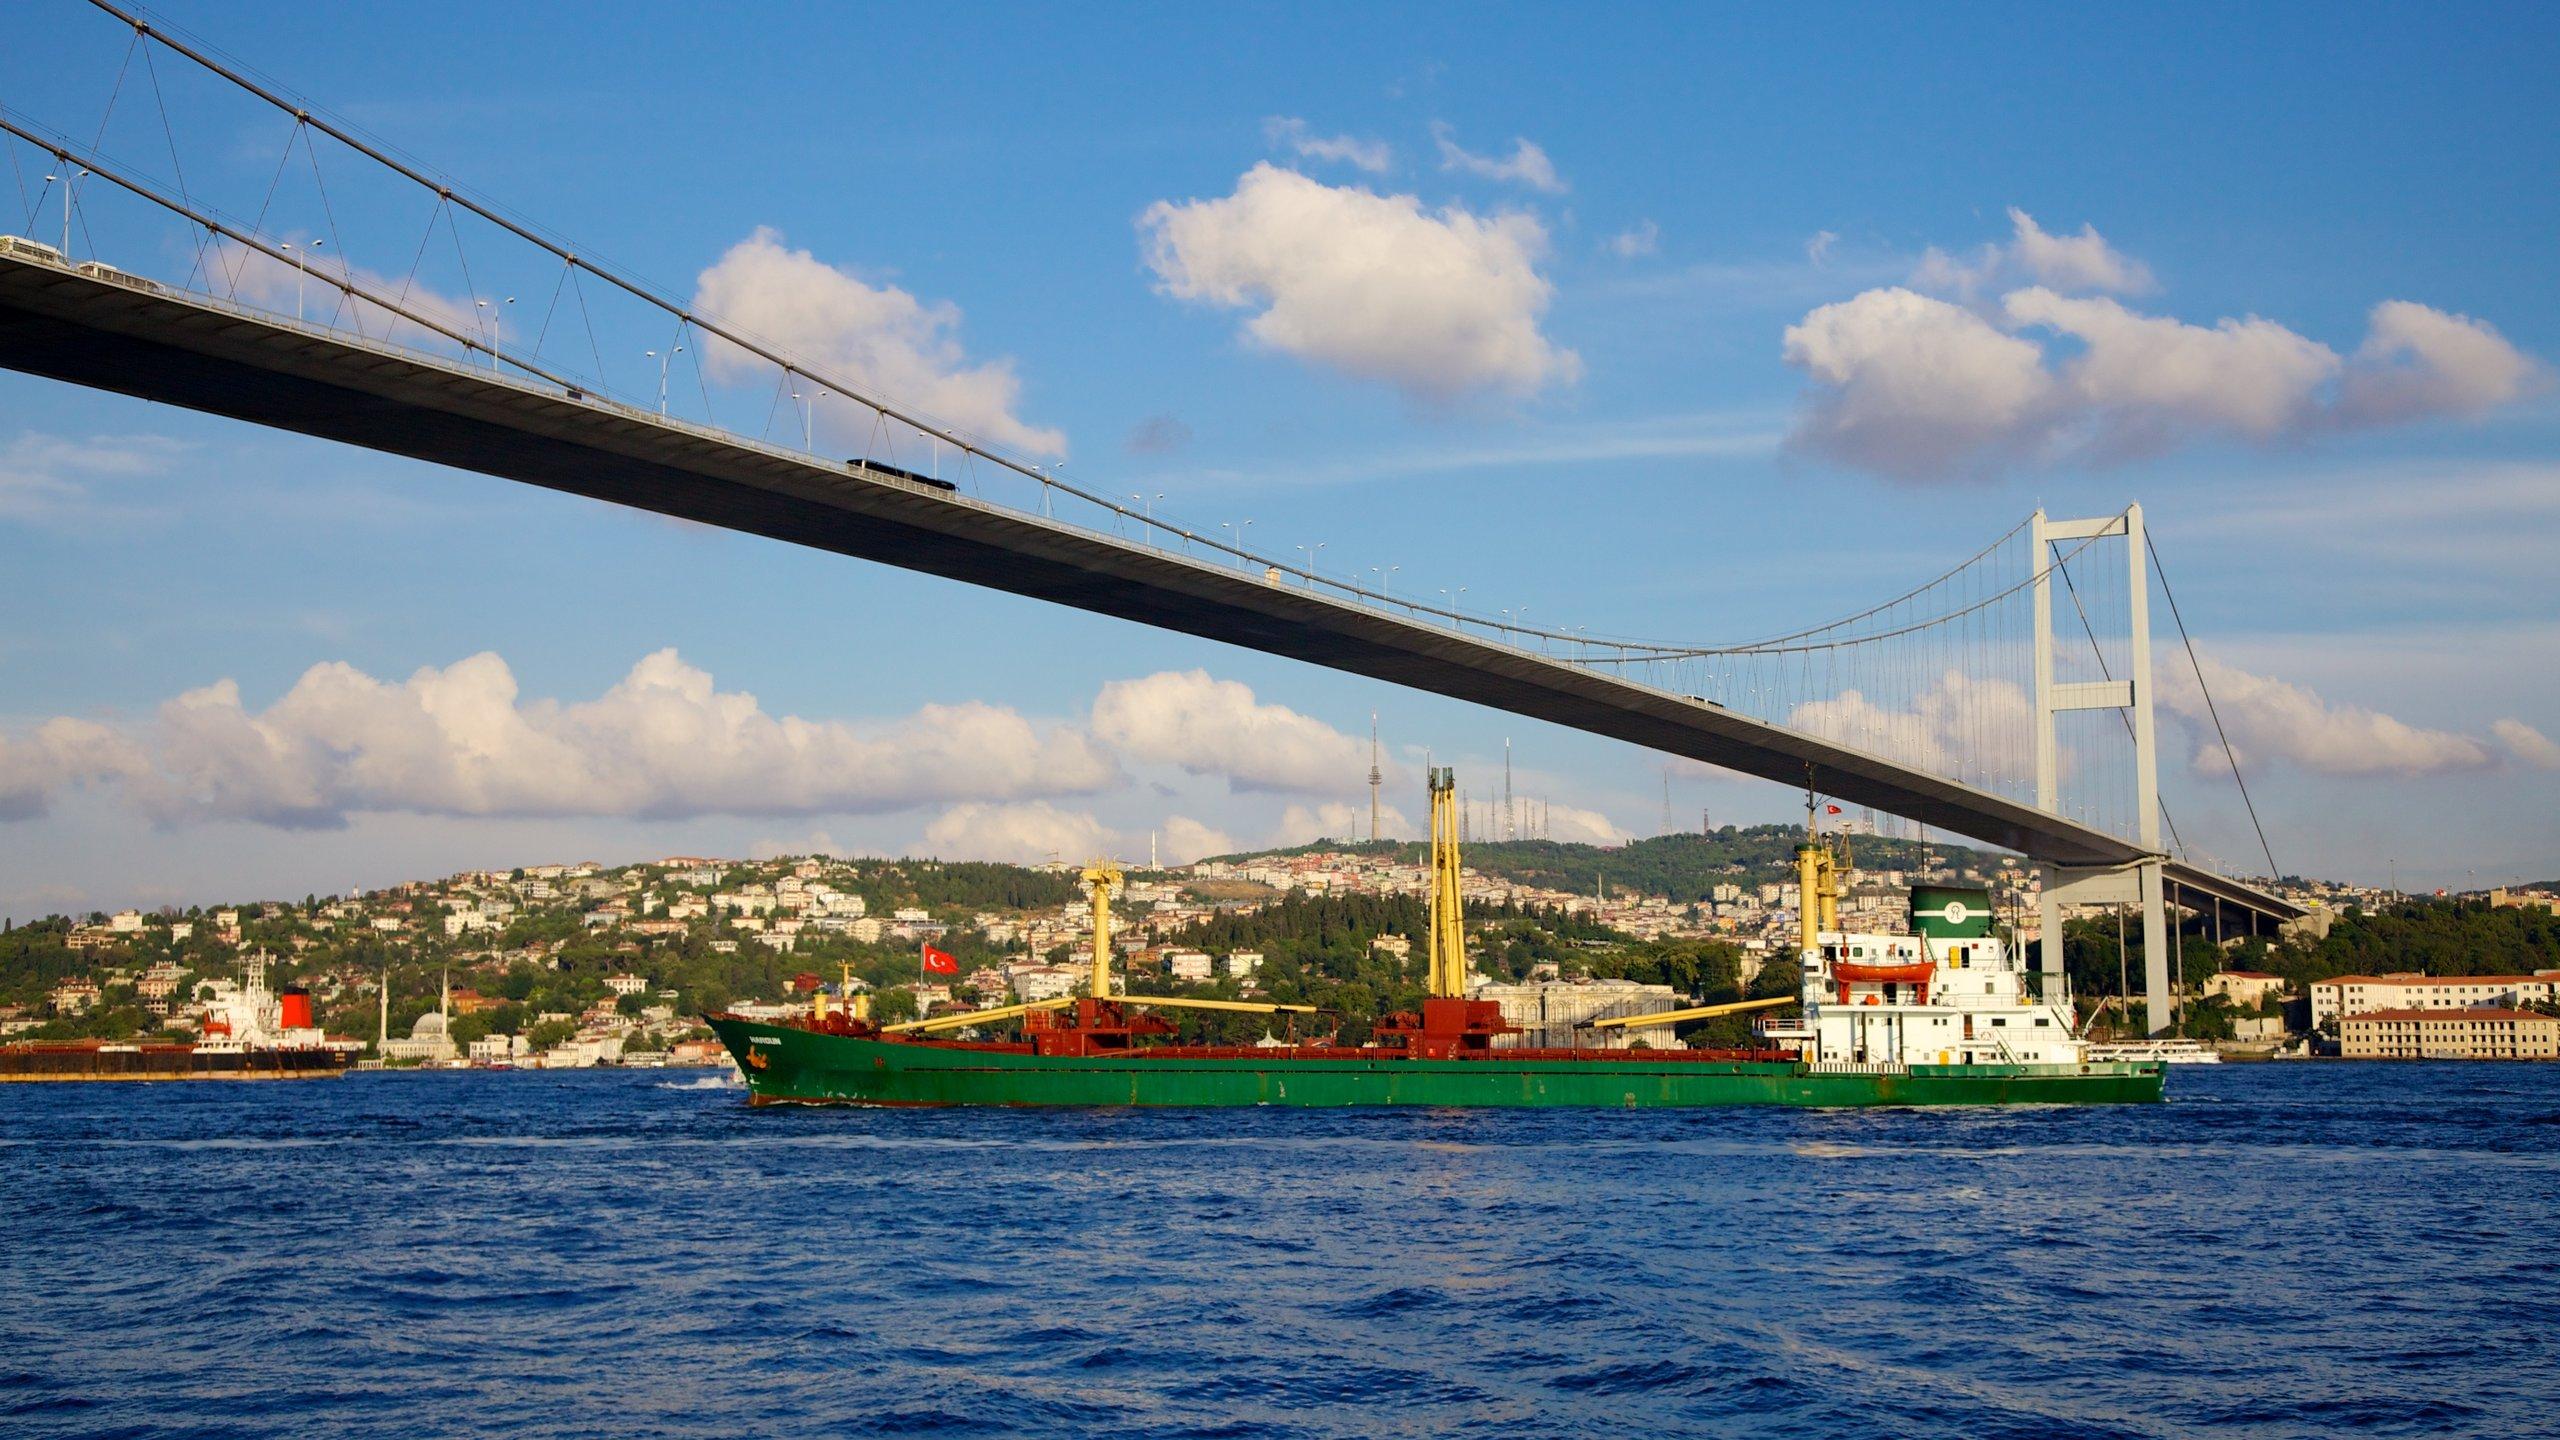 Viaje da Europa para a Ásia na primeira ponte construída para unir os dois continentes. Além de atravessá-la, você também poderá visitar edifícios centenários e admirar a estrutura de outra perspectiva, participando de um incrível cruzeiro.